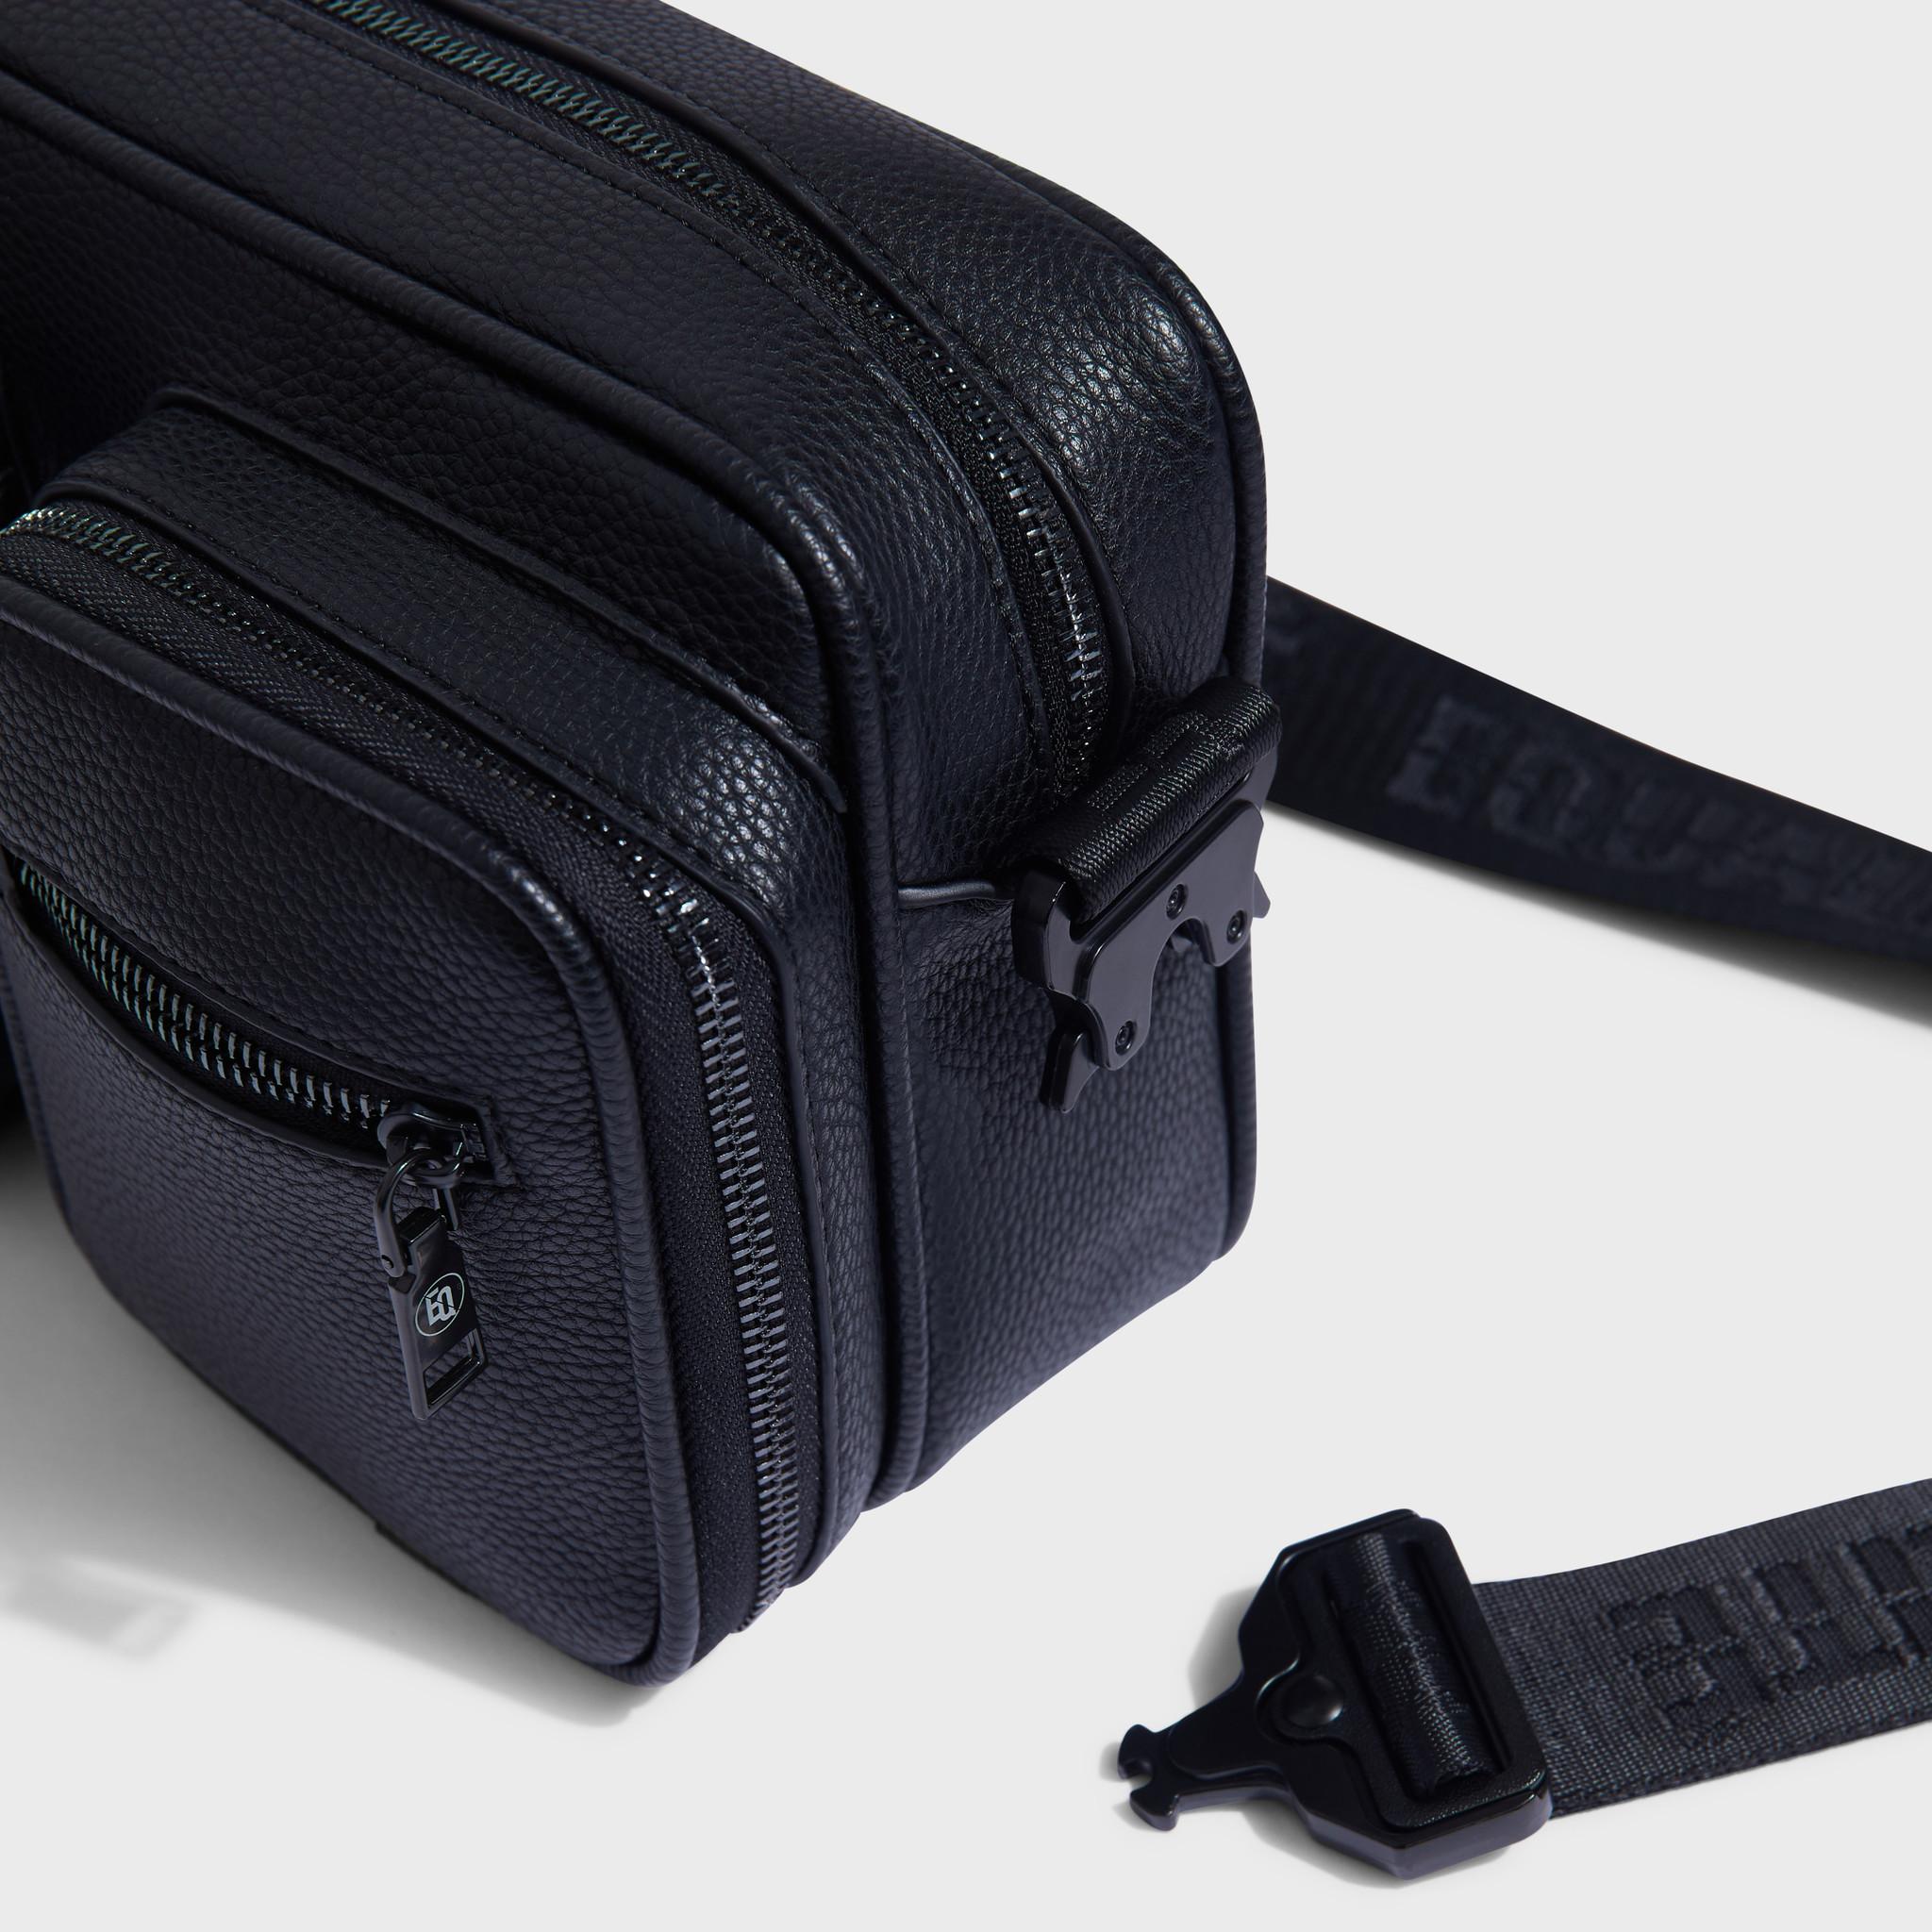 Pocket messengerbag black-4